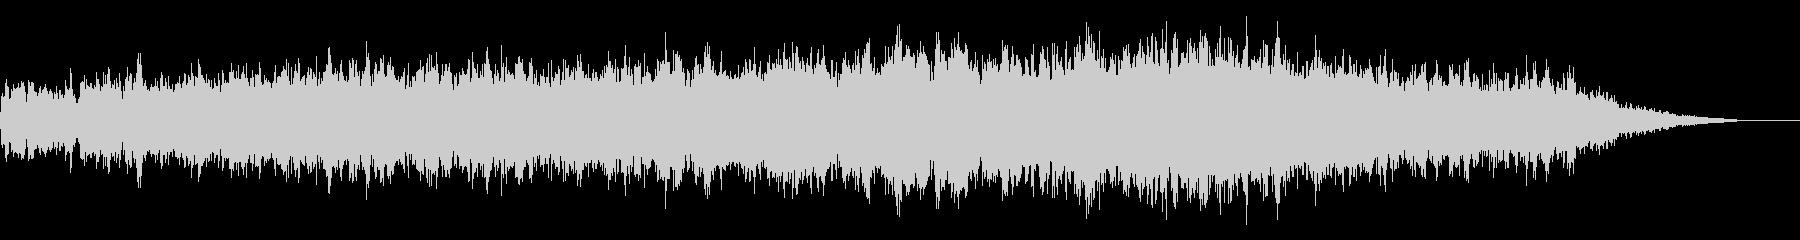 ホラー映画に出てきそうなノイズ系音源14の未再生の波形